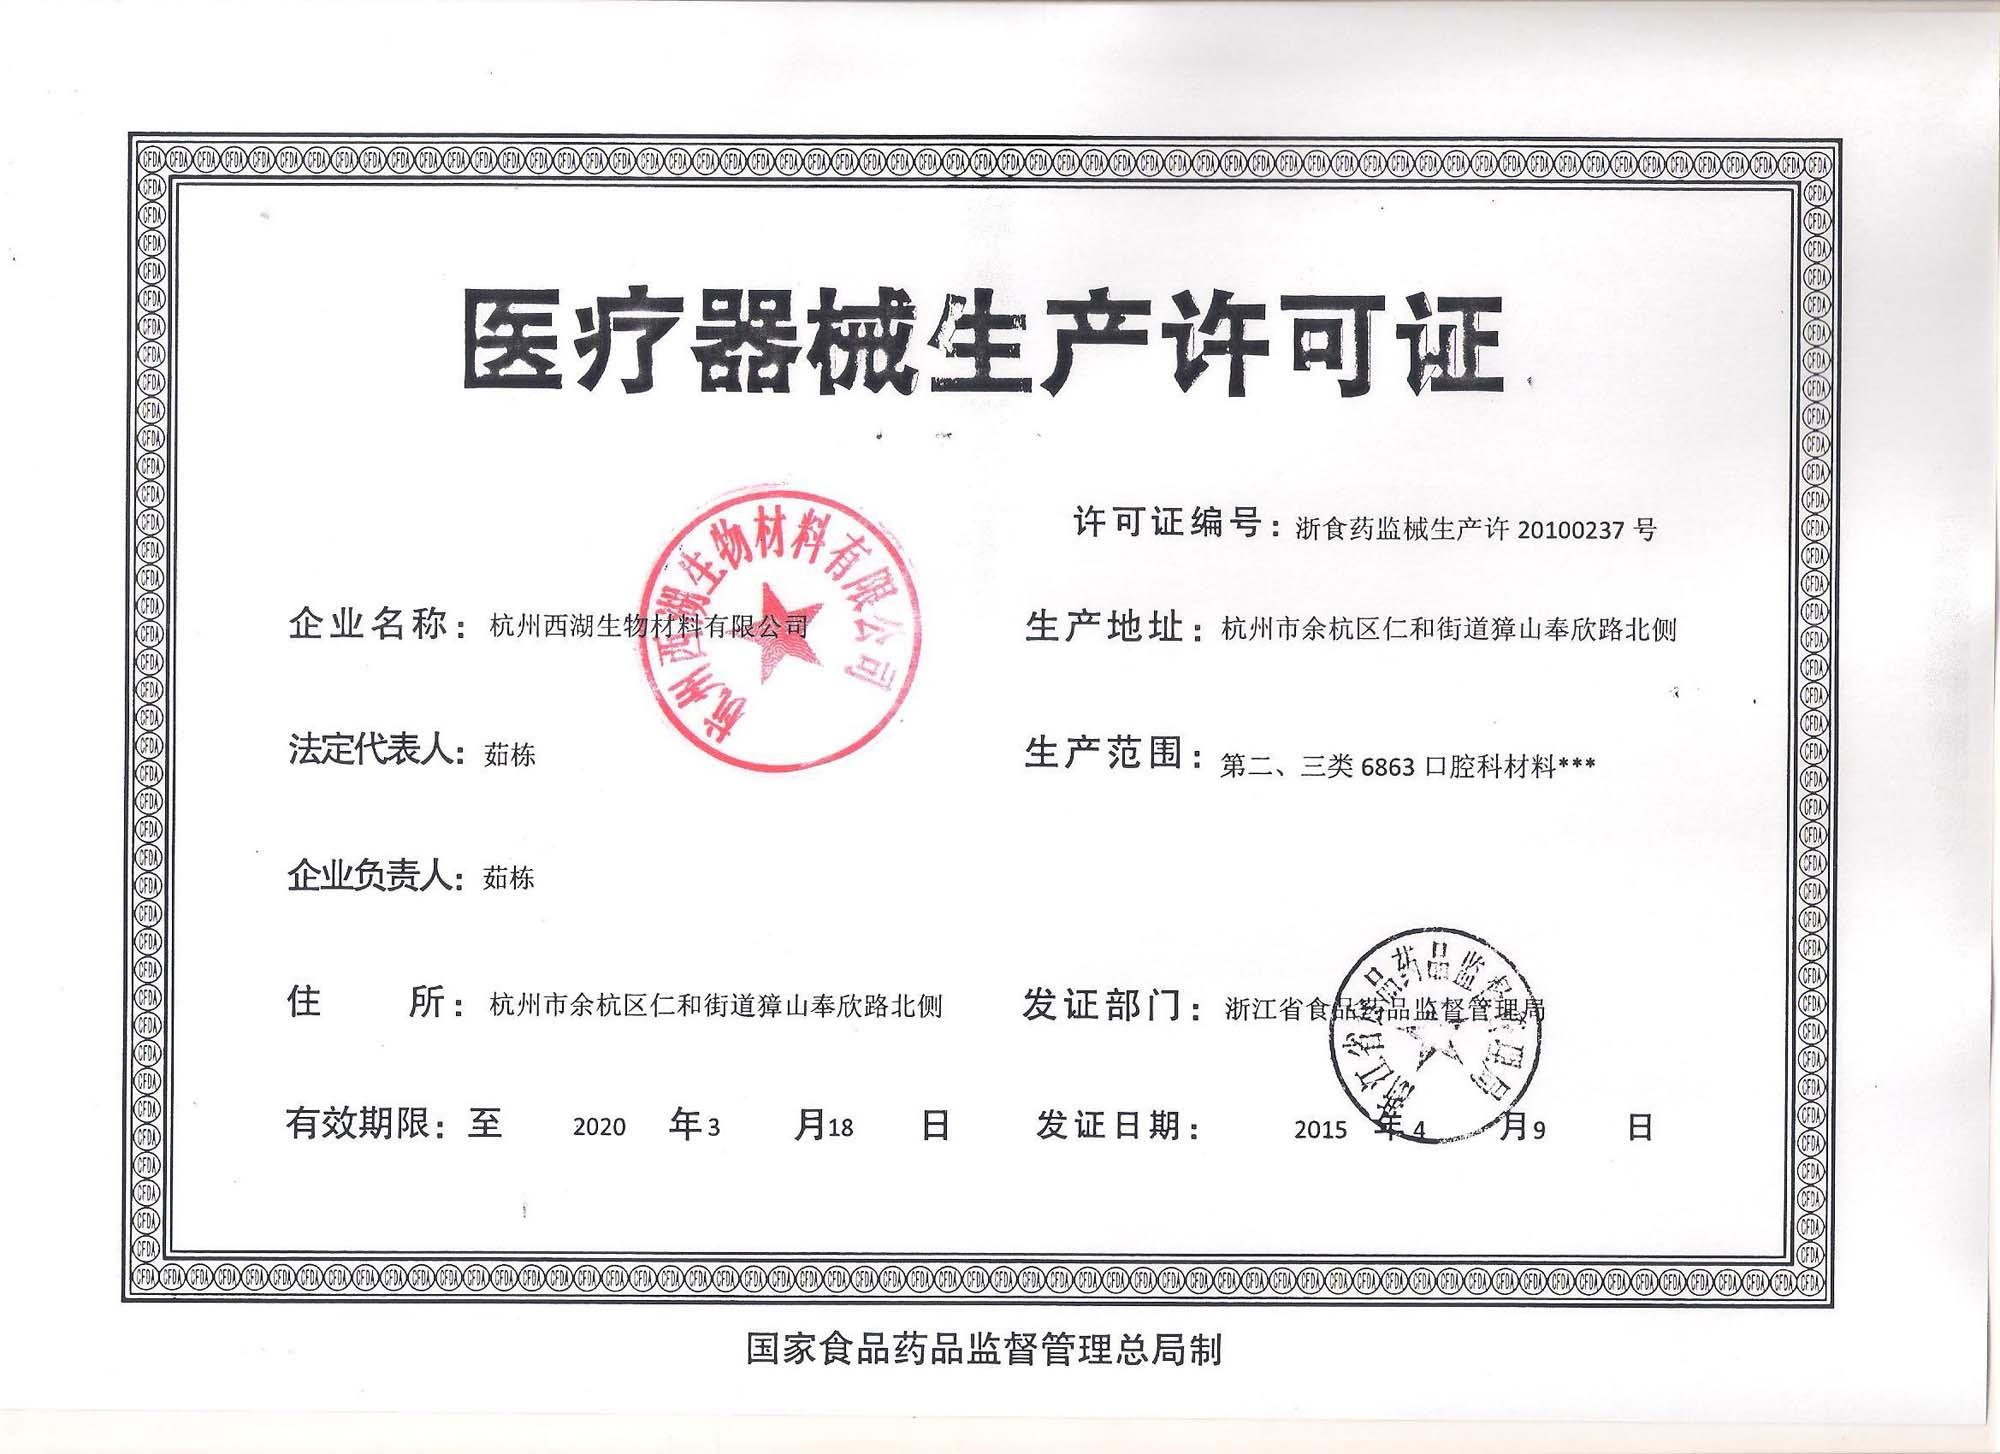 CFDA License-SU20100237